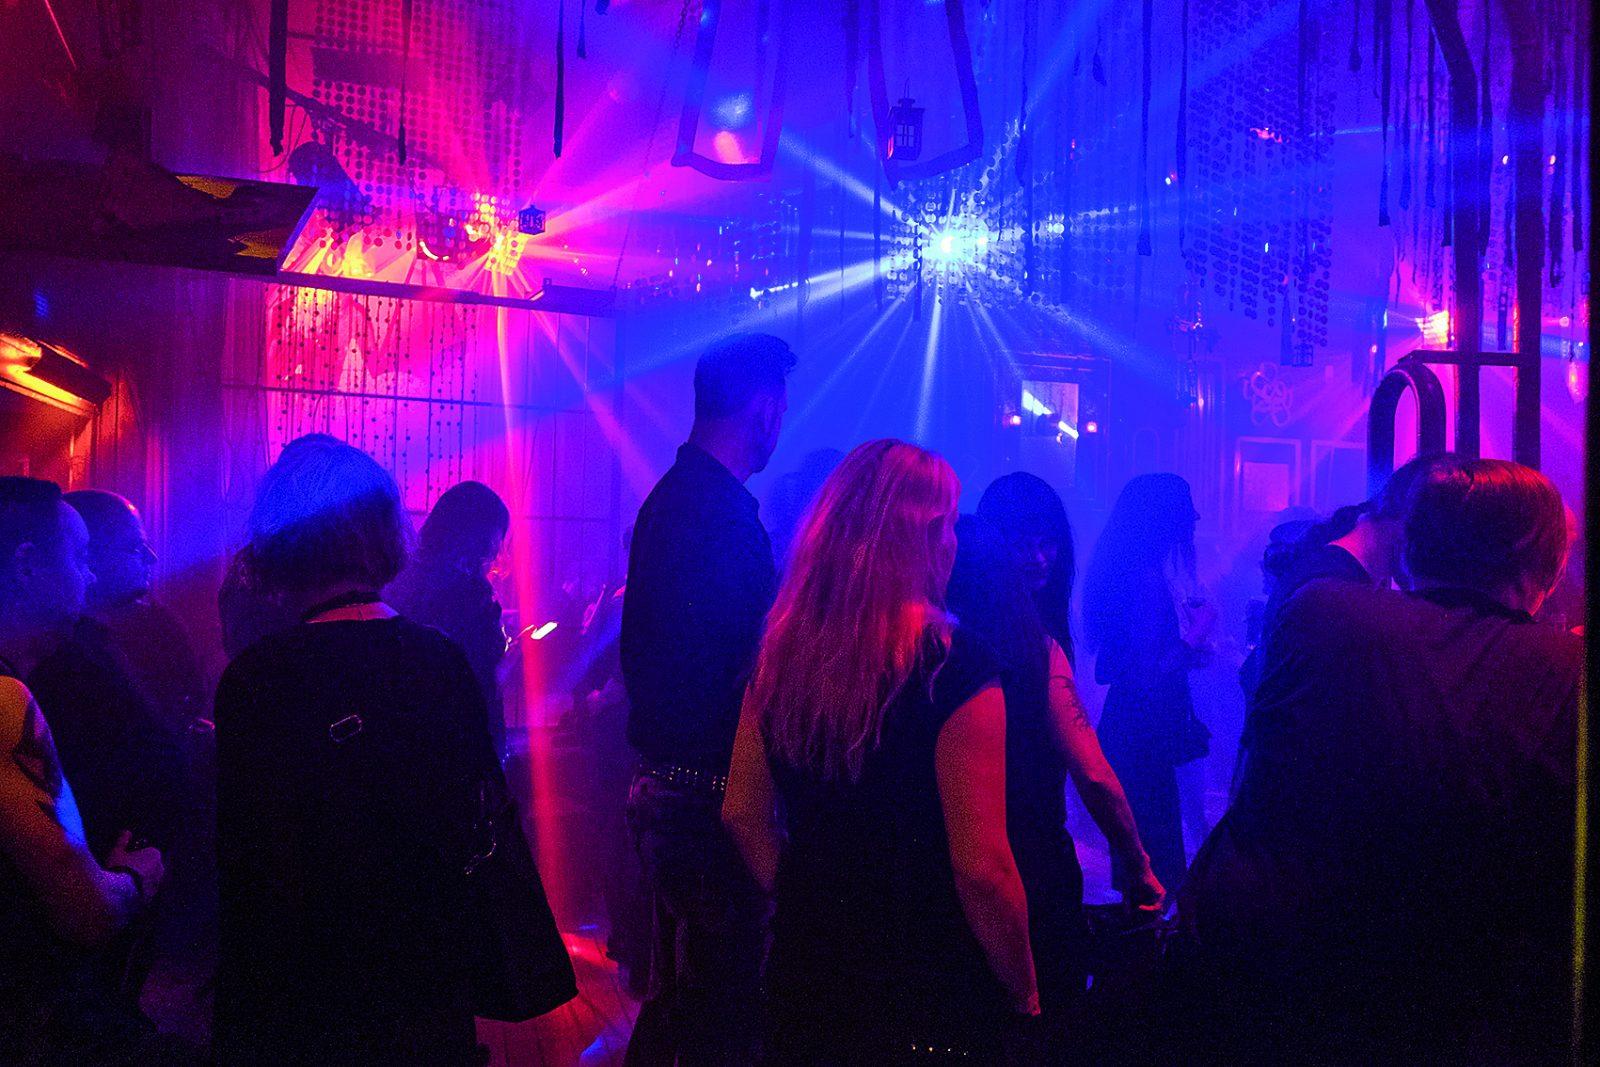 Party im Duncker Club. Donnerstags finden kostenlos Konzerte statt.